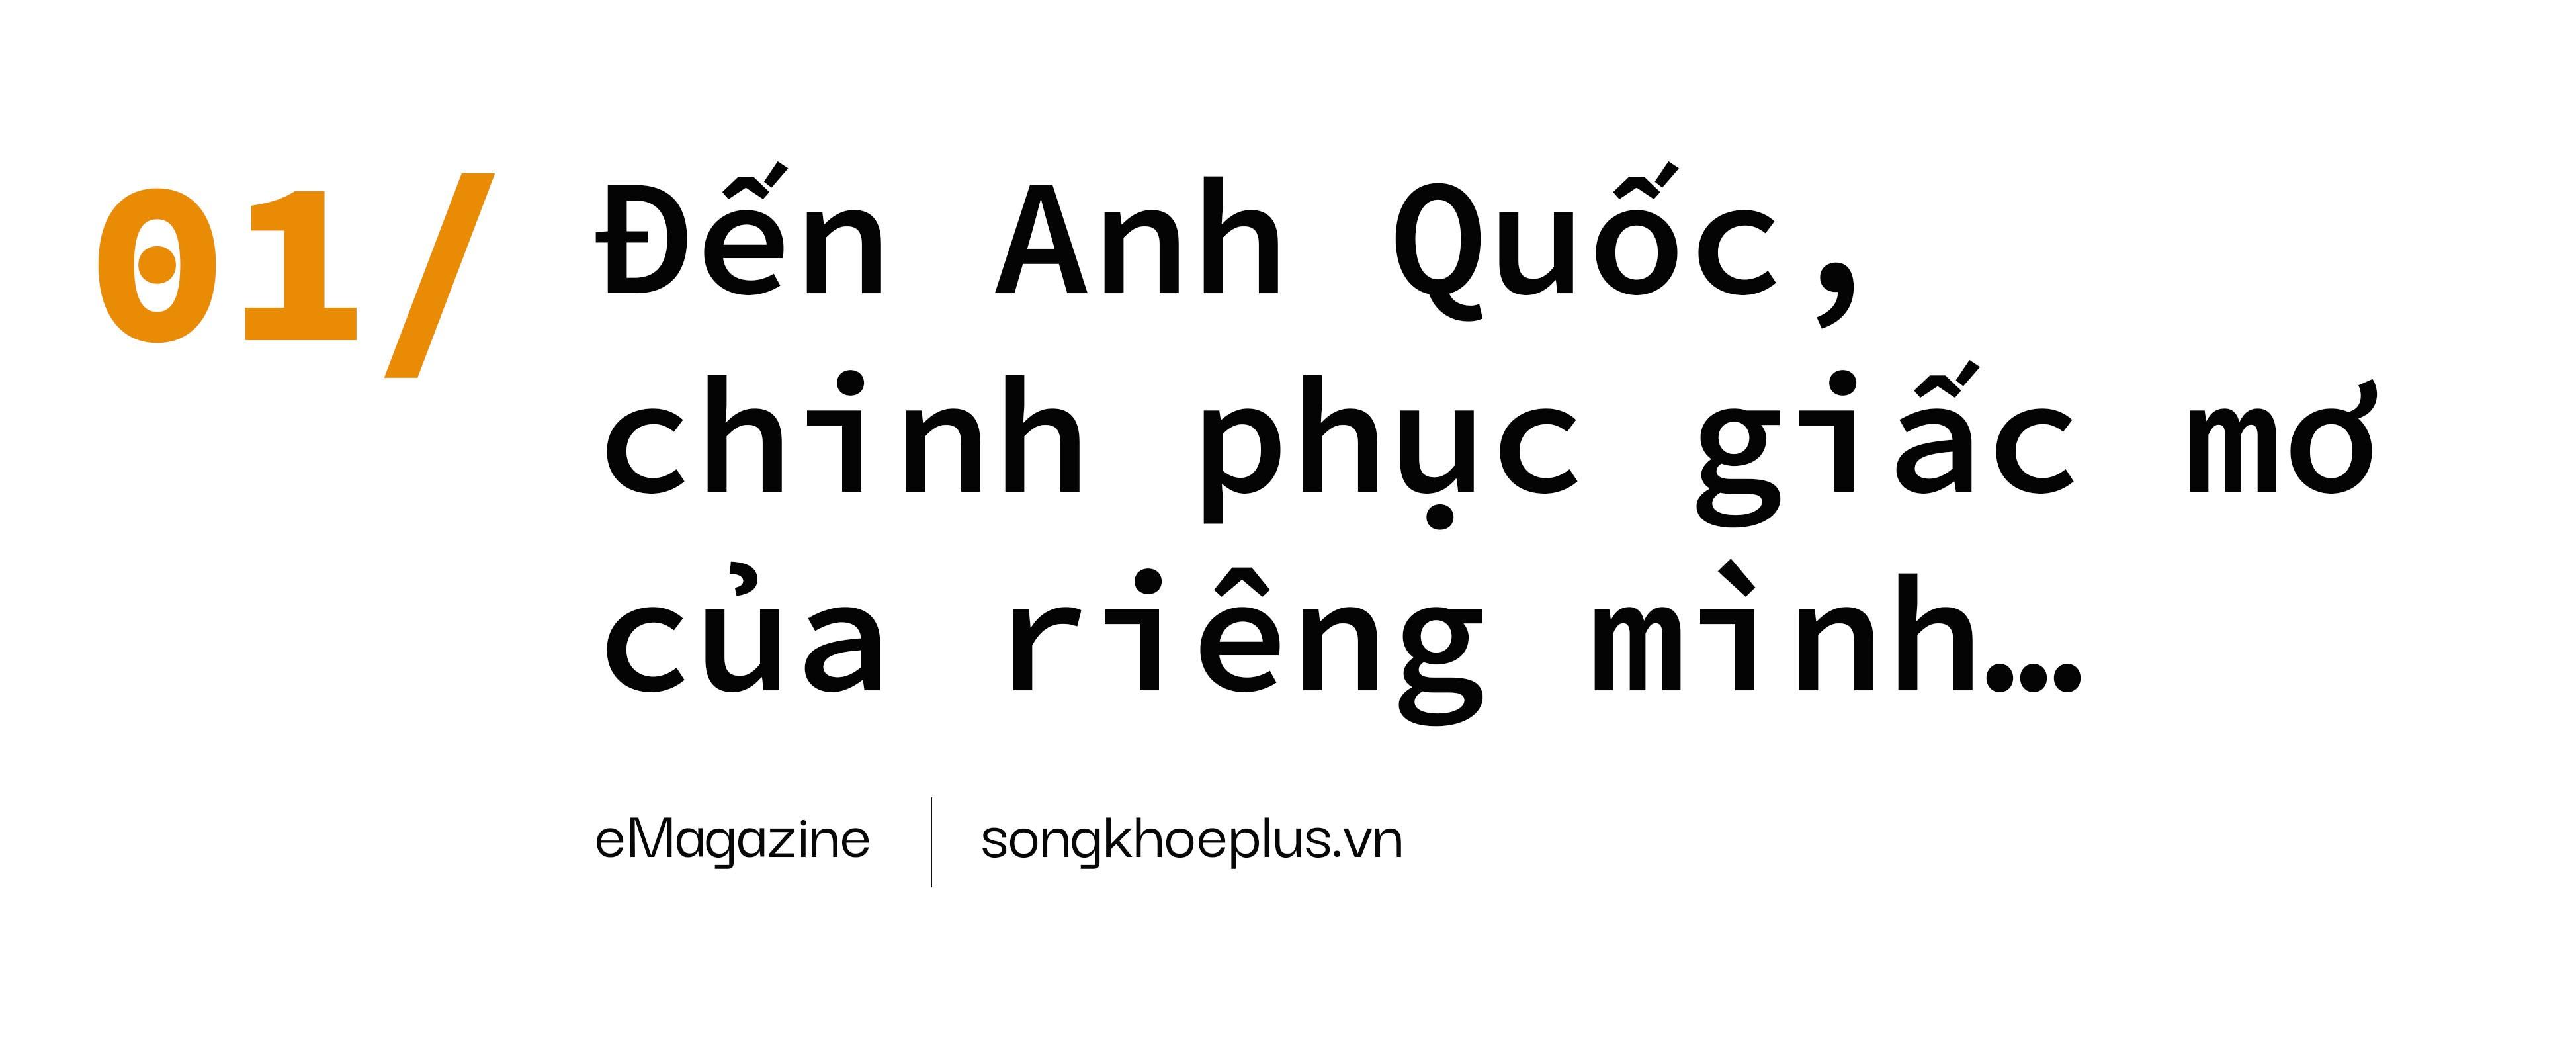 pham-vu-thinh-mien-trung-1621040139.jpg